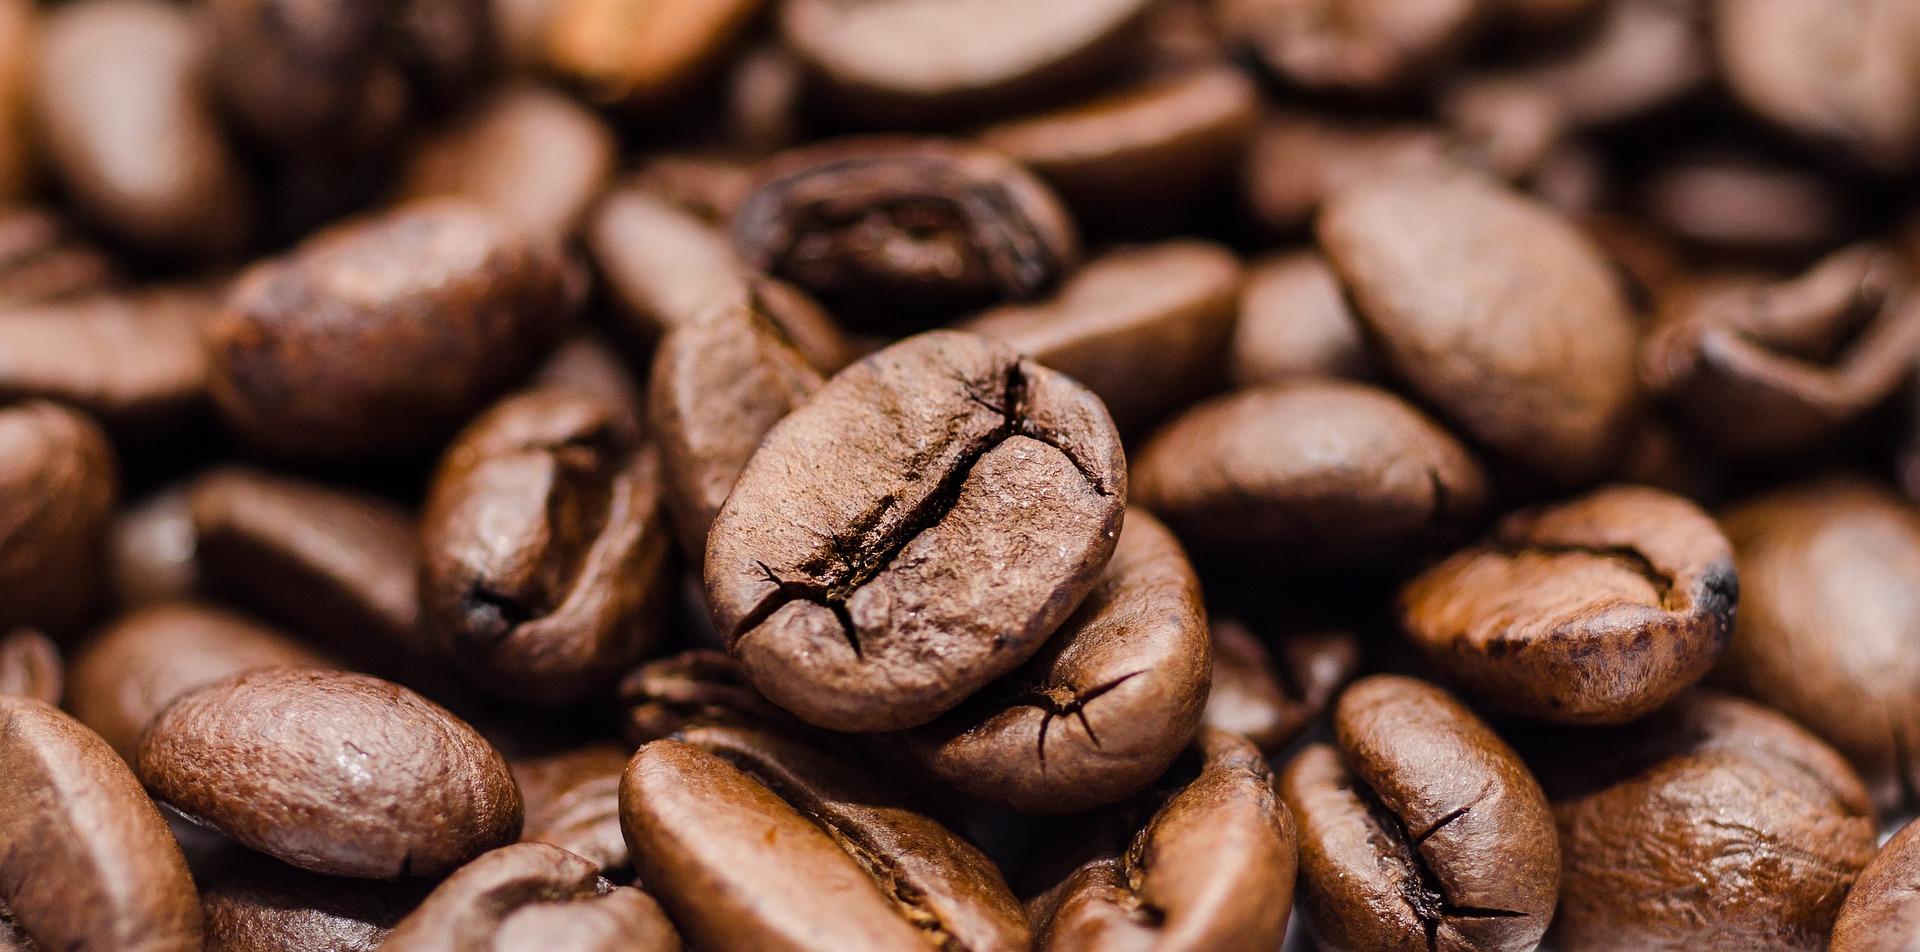 capsulas cafe envasado capsulas de cafe tipos capsulas de cafe reciclaje capsulas de cafe reutilizables capsulas de cafe reciclables capsulas de cafe nespresso